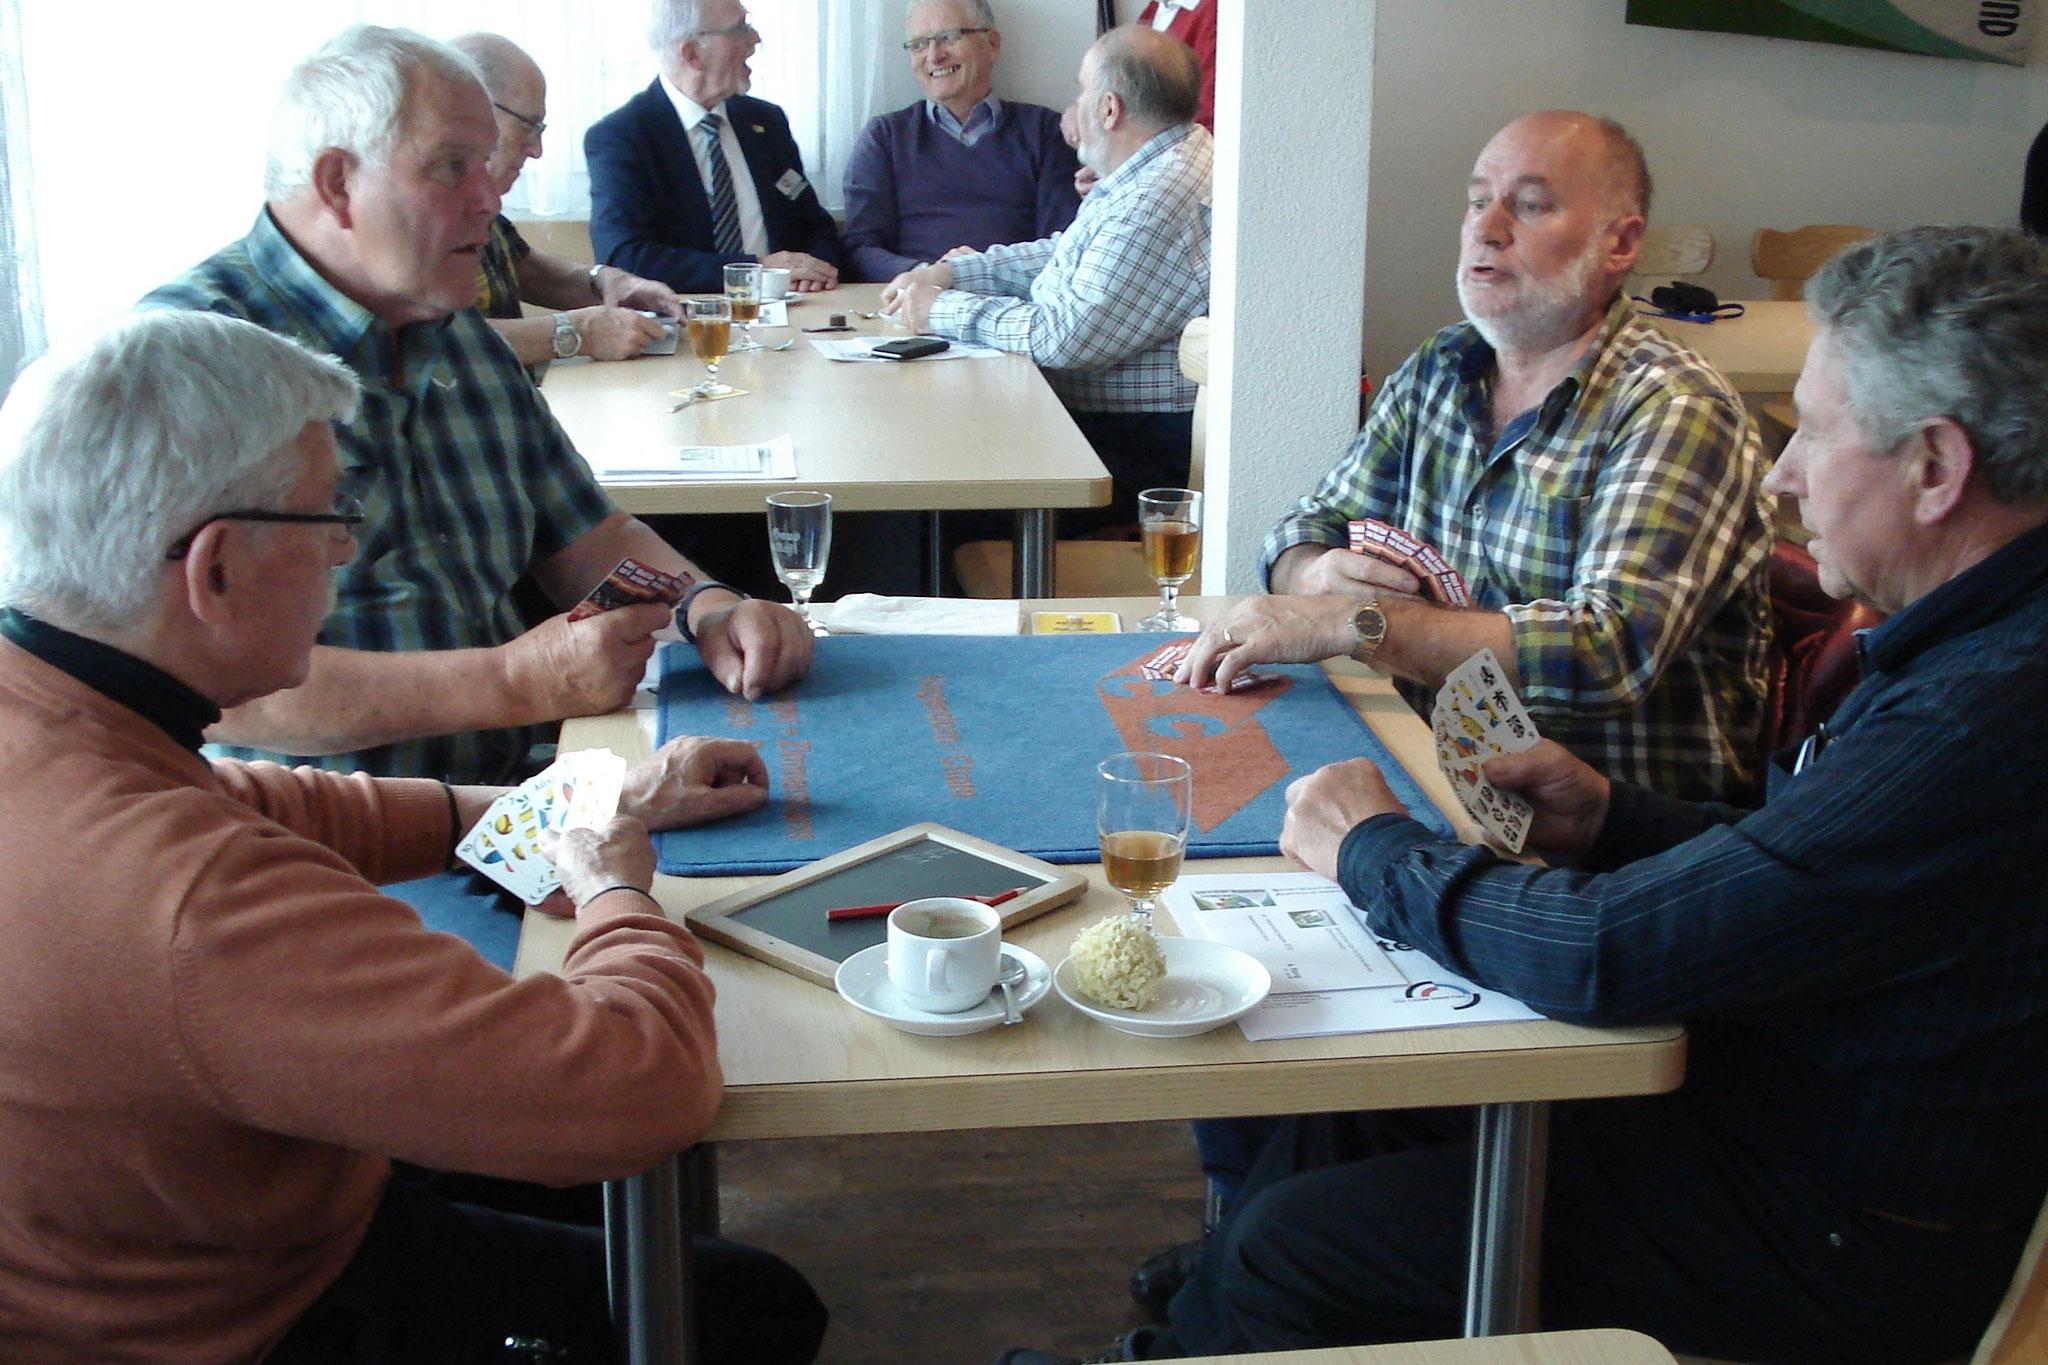 Revisor Bärti Ettlin ist auch ein Meister im Nationalspiel. Von links: Bärti Ettlin, Walter Meierhans, Ebikon-Präsi Godi Scheuber, Verbandsfähnrich Sepp Gabriel